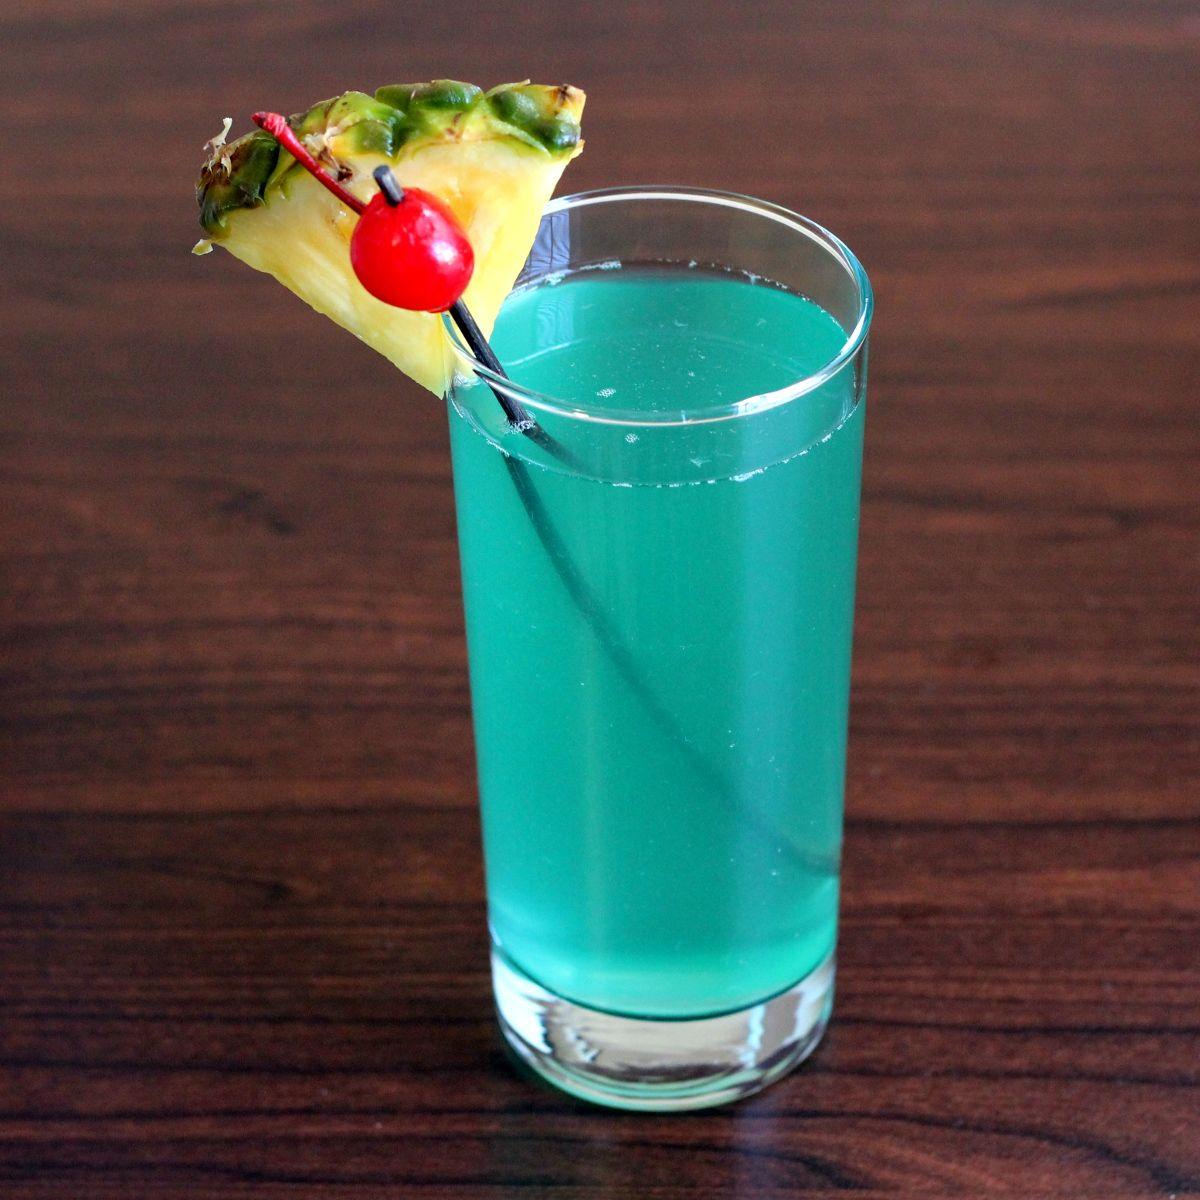 caribbean mist adult beverages coconut rum drinks. Black Bedroom Furniture Sets. Home Design Ideas